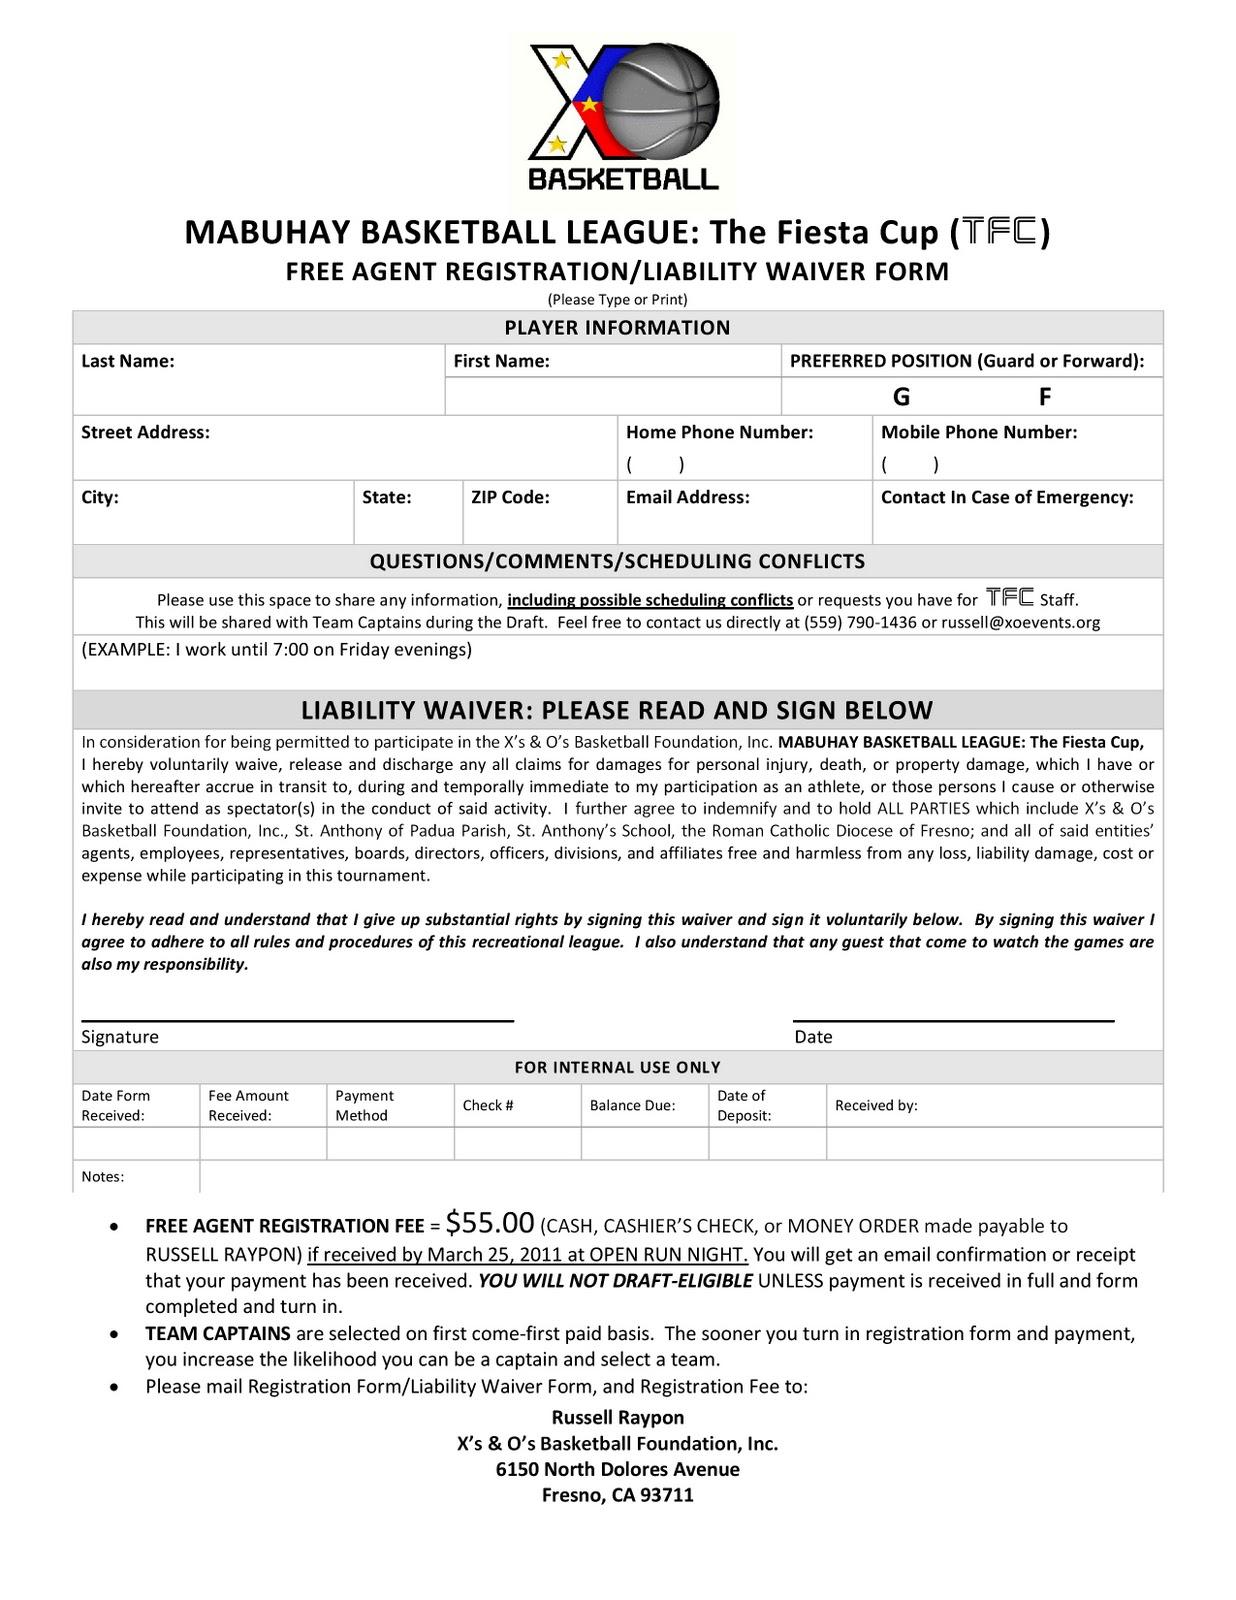 pin basketball registration form on pinterest. Black Bedroom Furniture Sets. Home Design Ideas